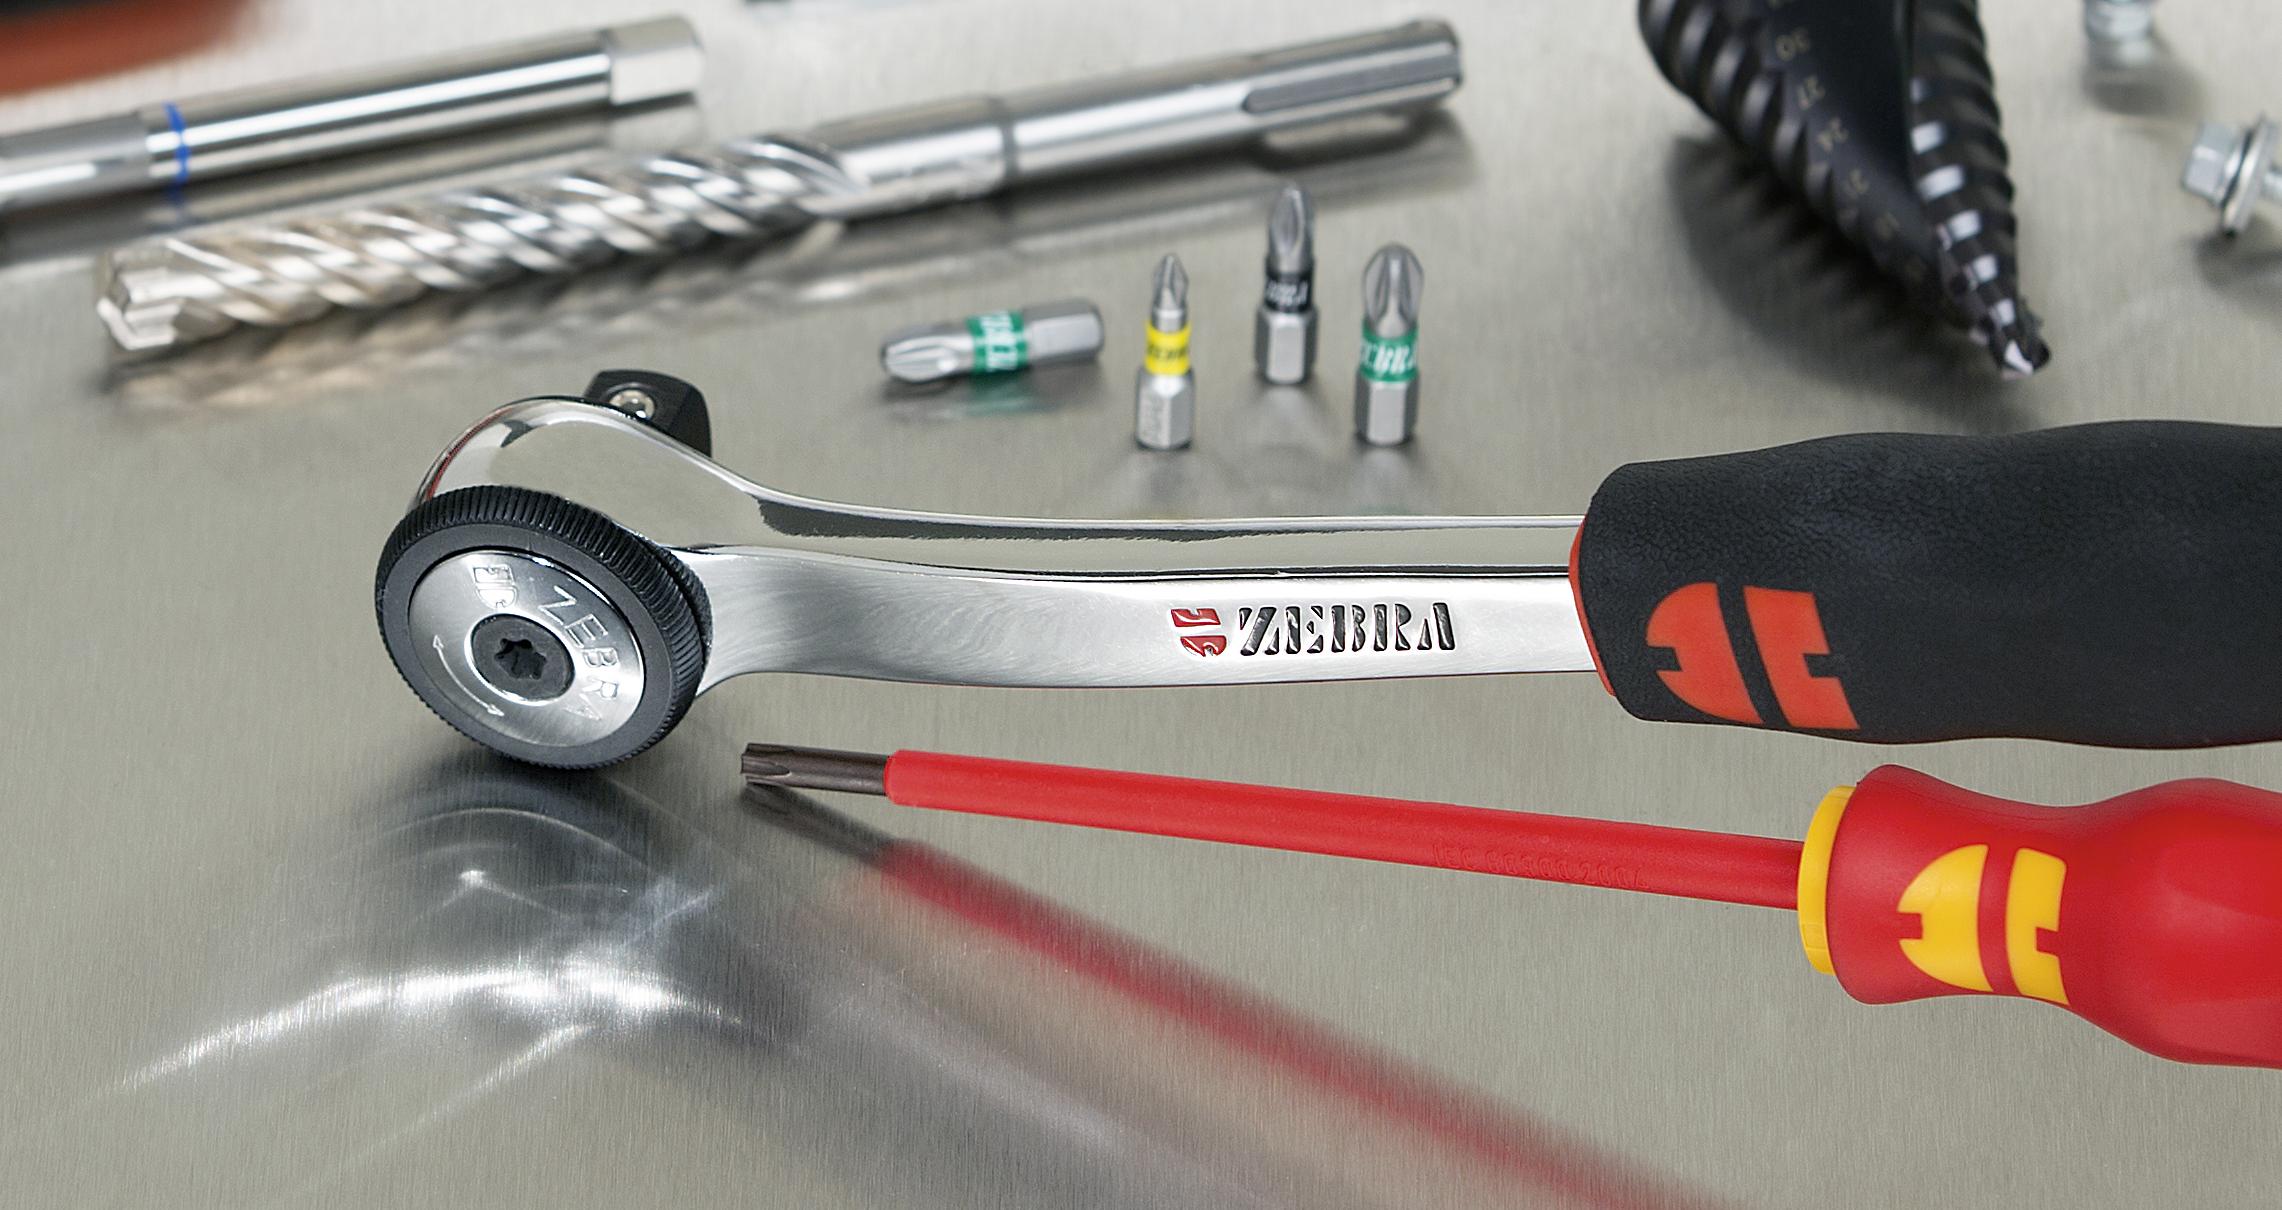 utensili zebra wurth